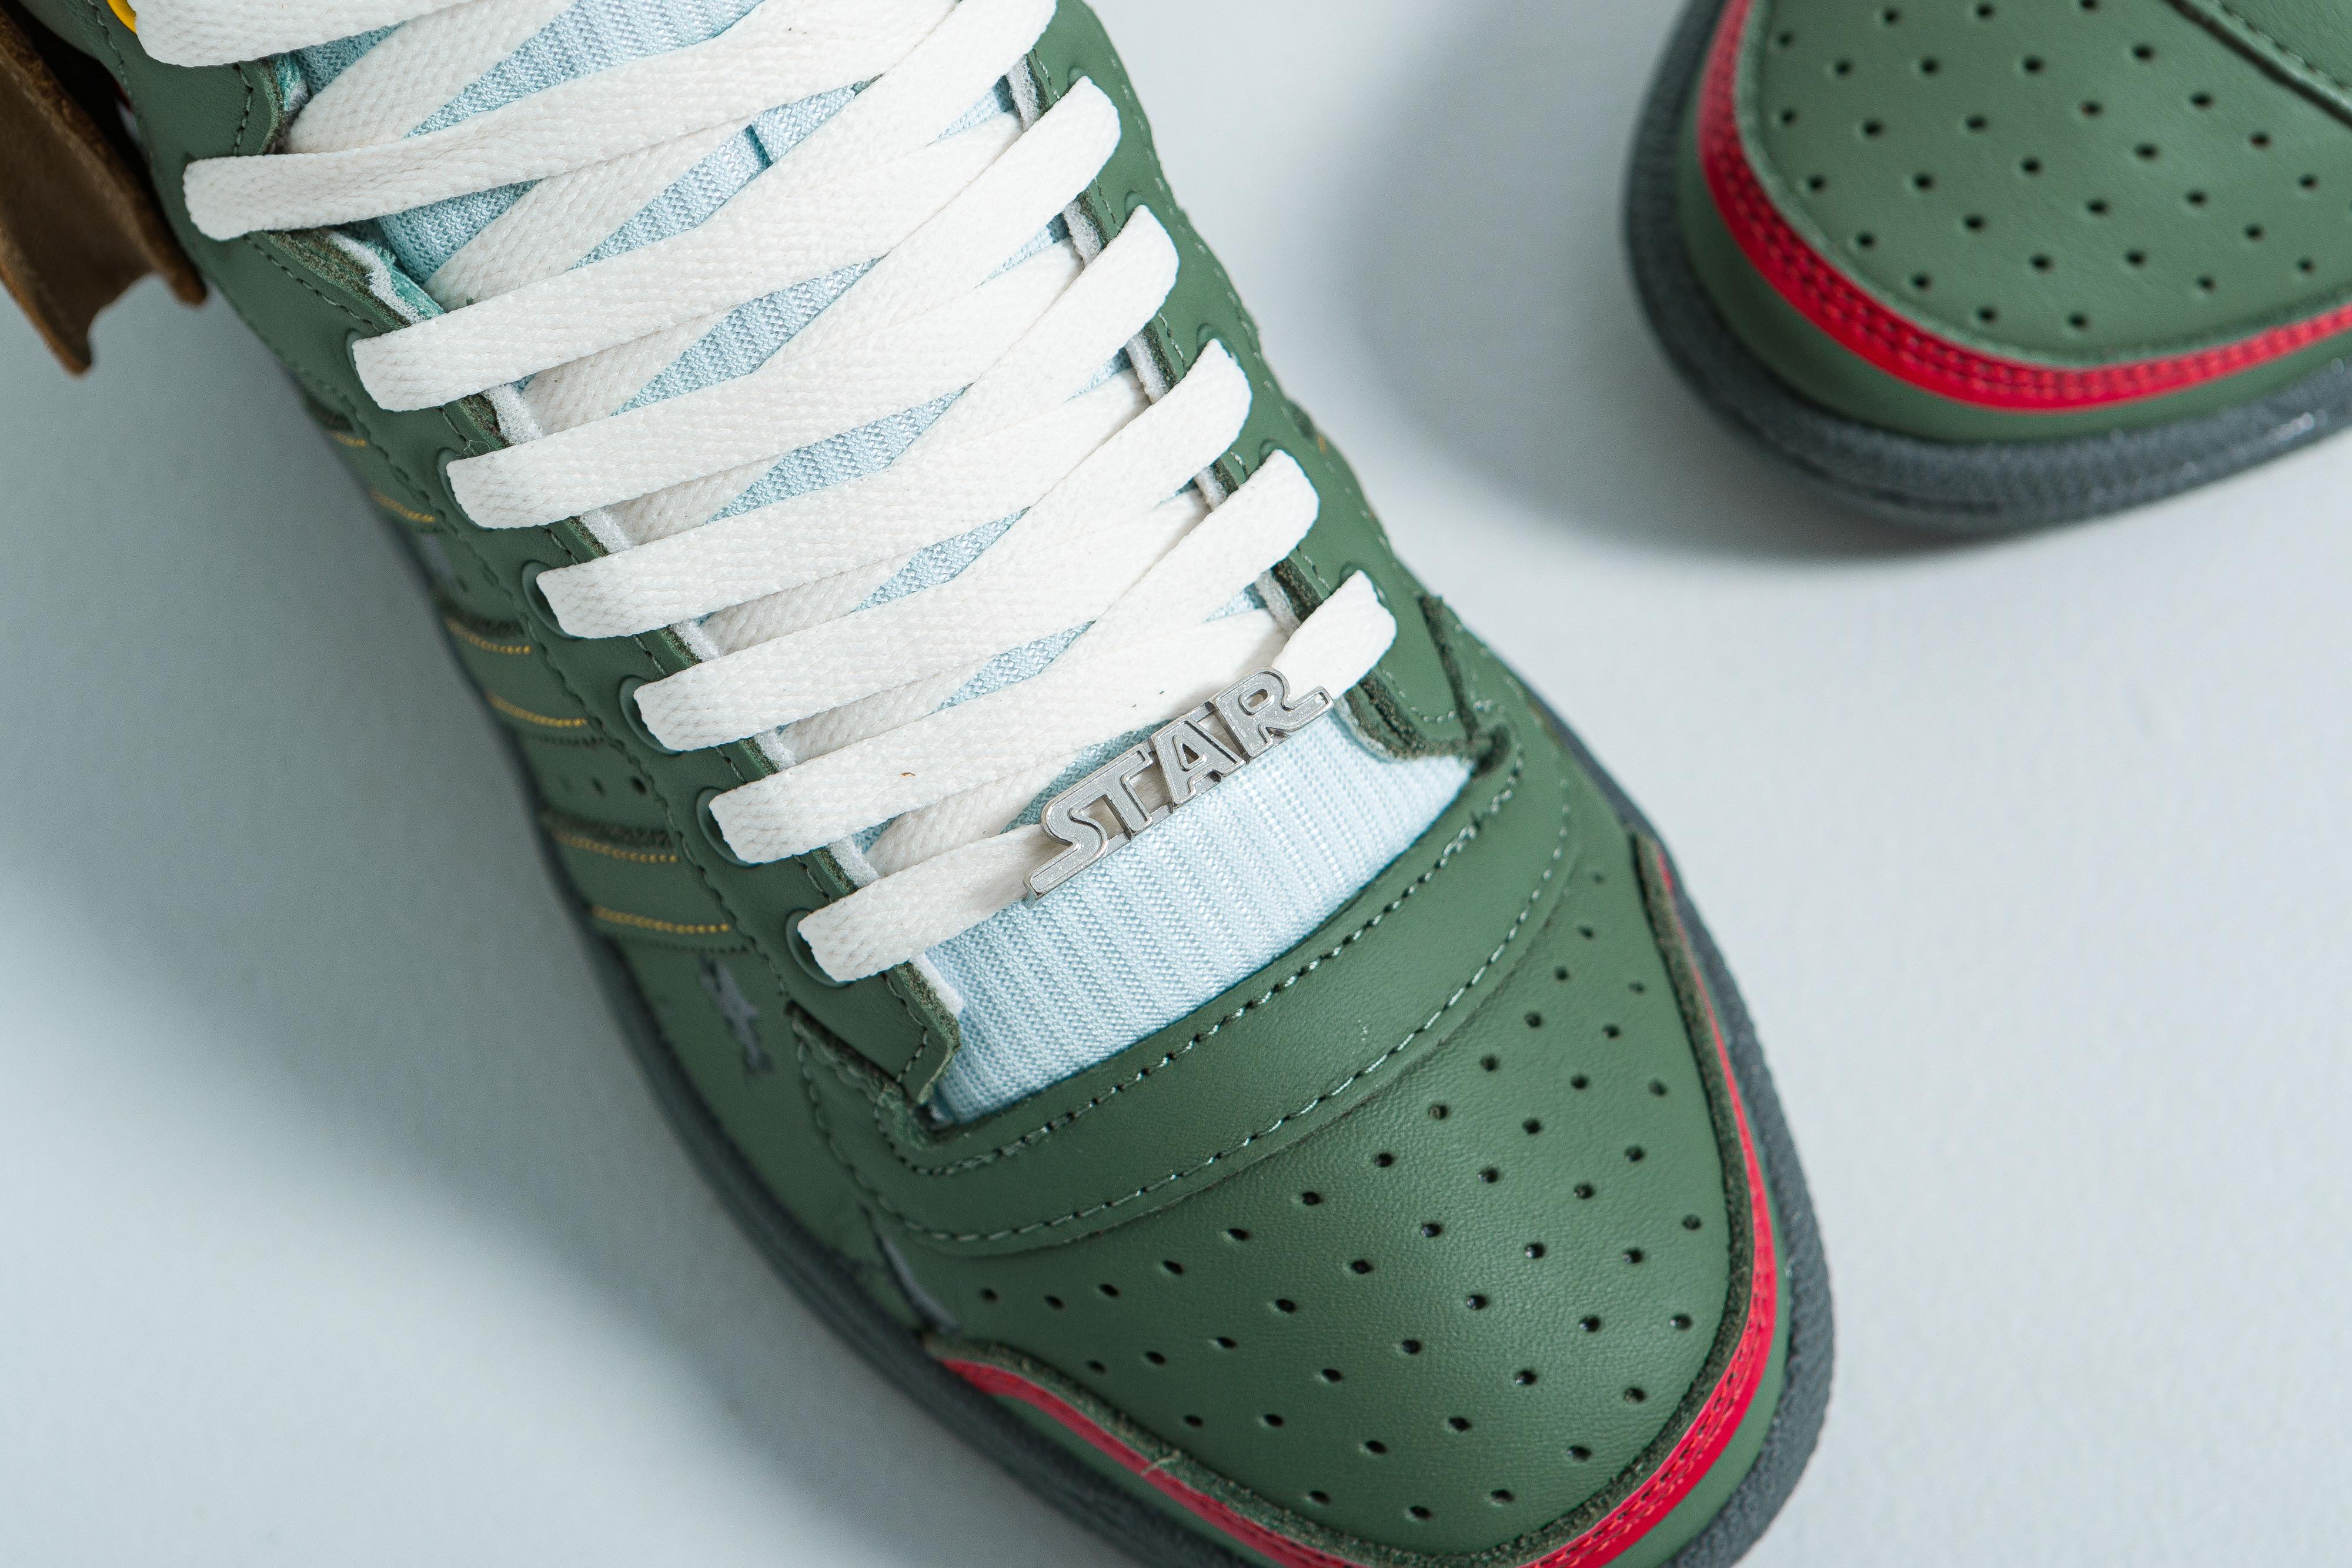 adidas Originals X Star Wars Boba Fett Top Ten Hi